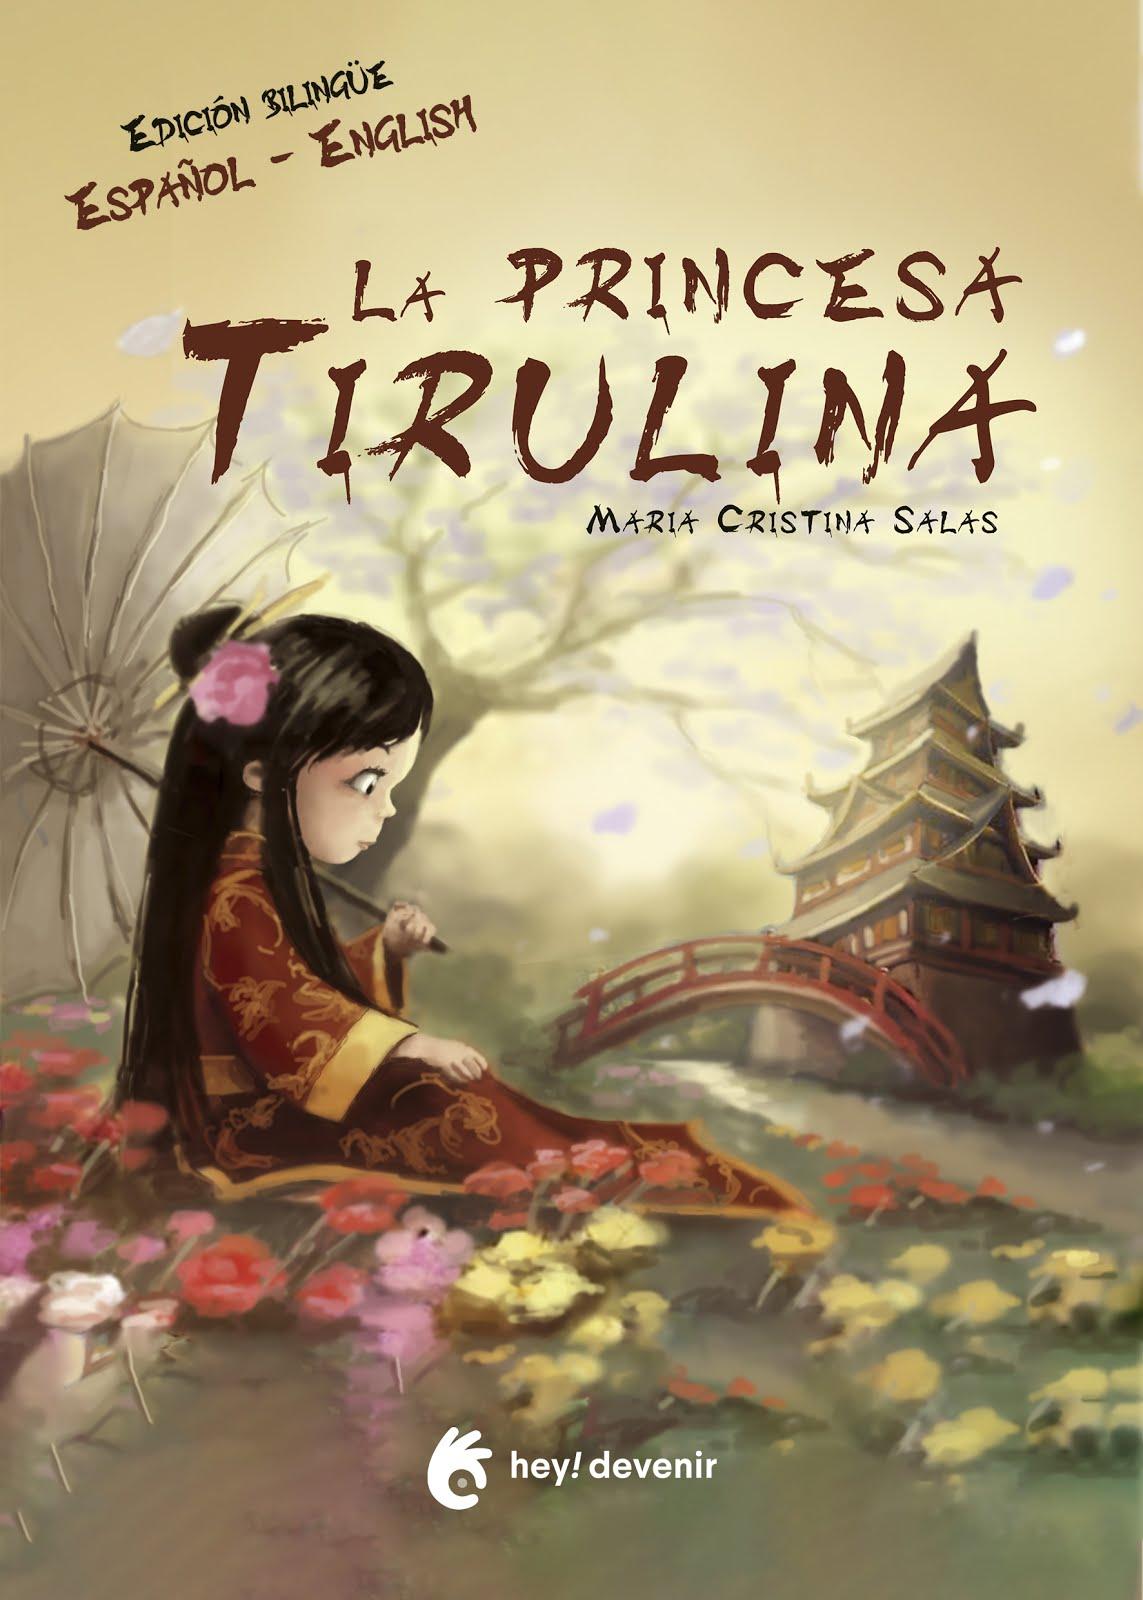 La princesa Tirulina edición bilingüe en ebook